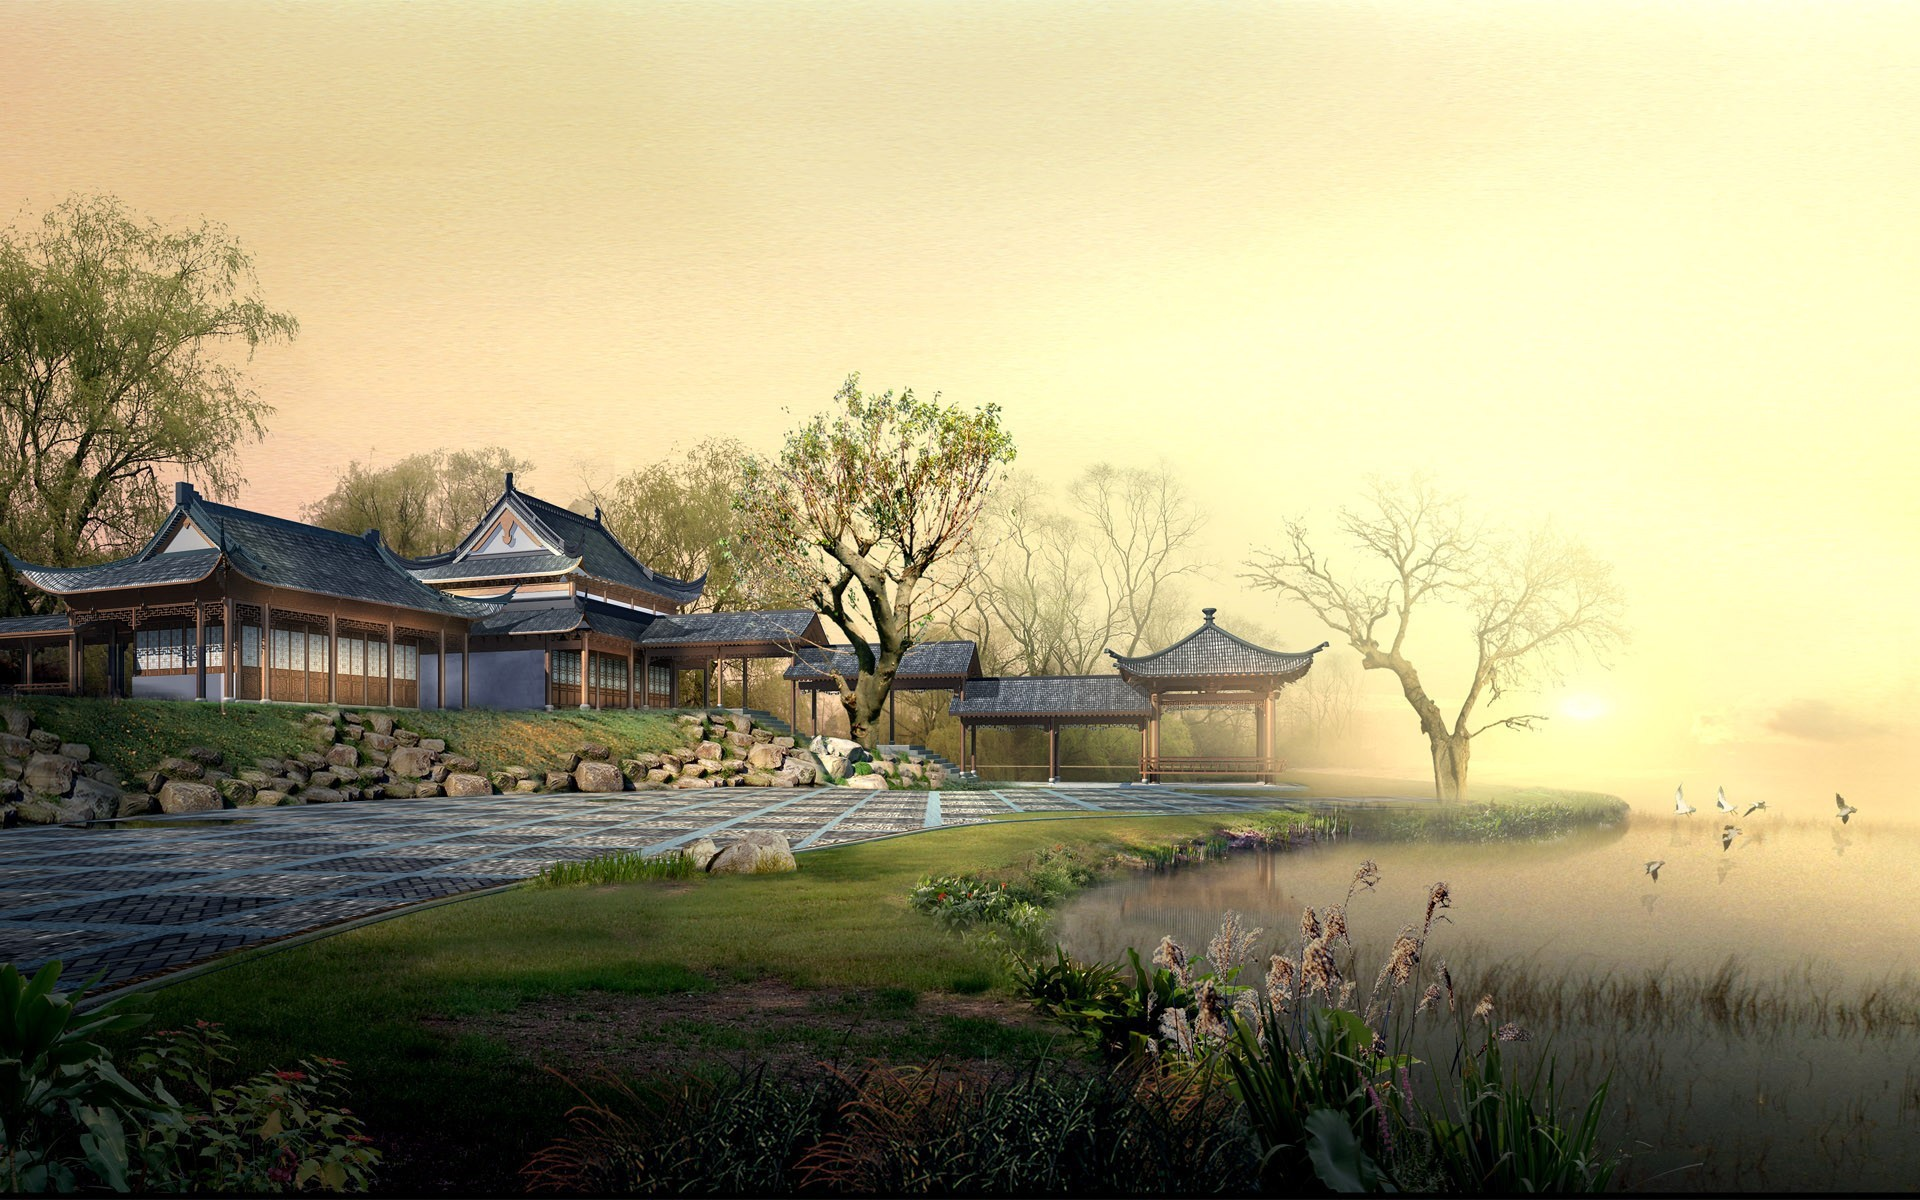 китайский пейзаж обои на рабочий стол № 501924 бесплатно